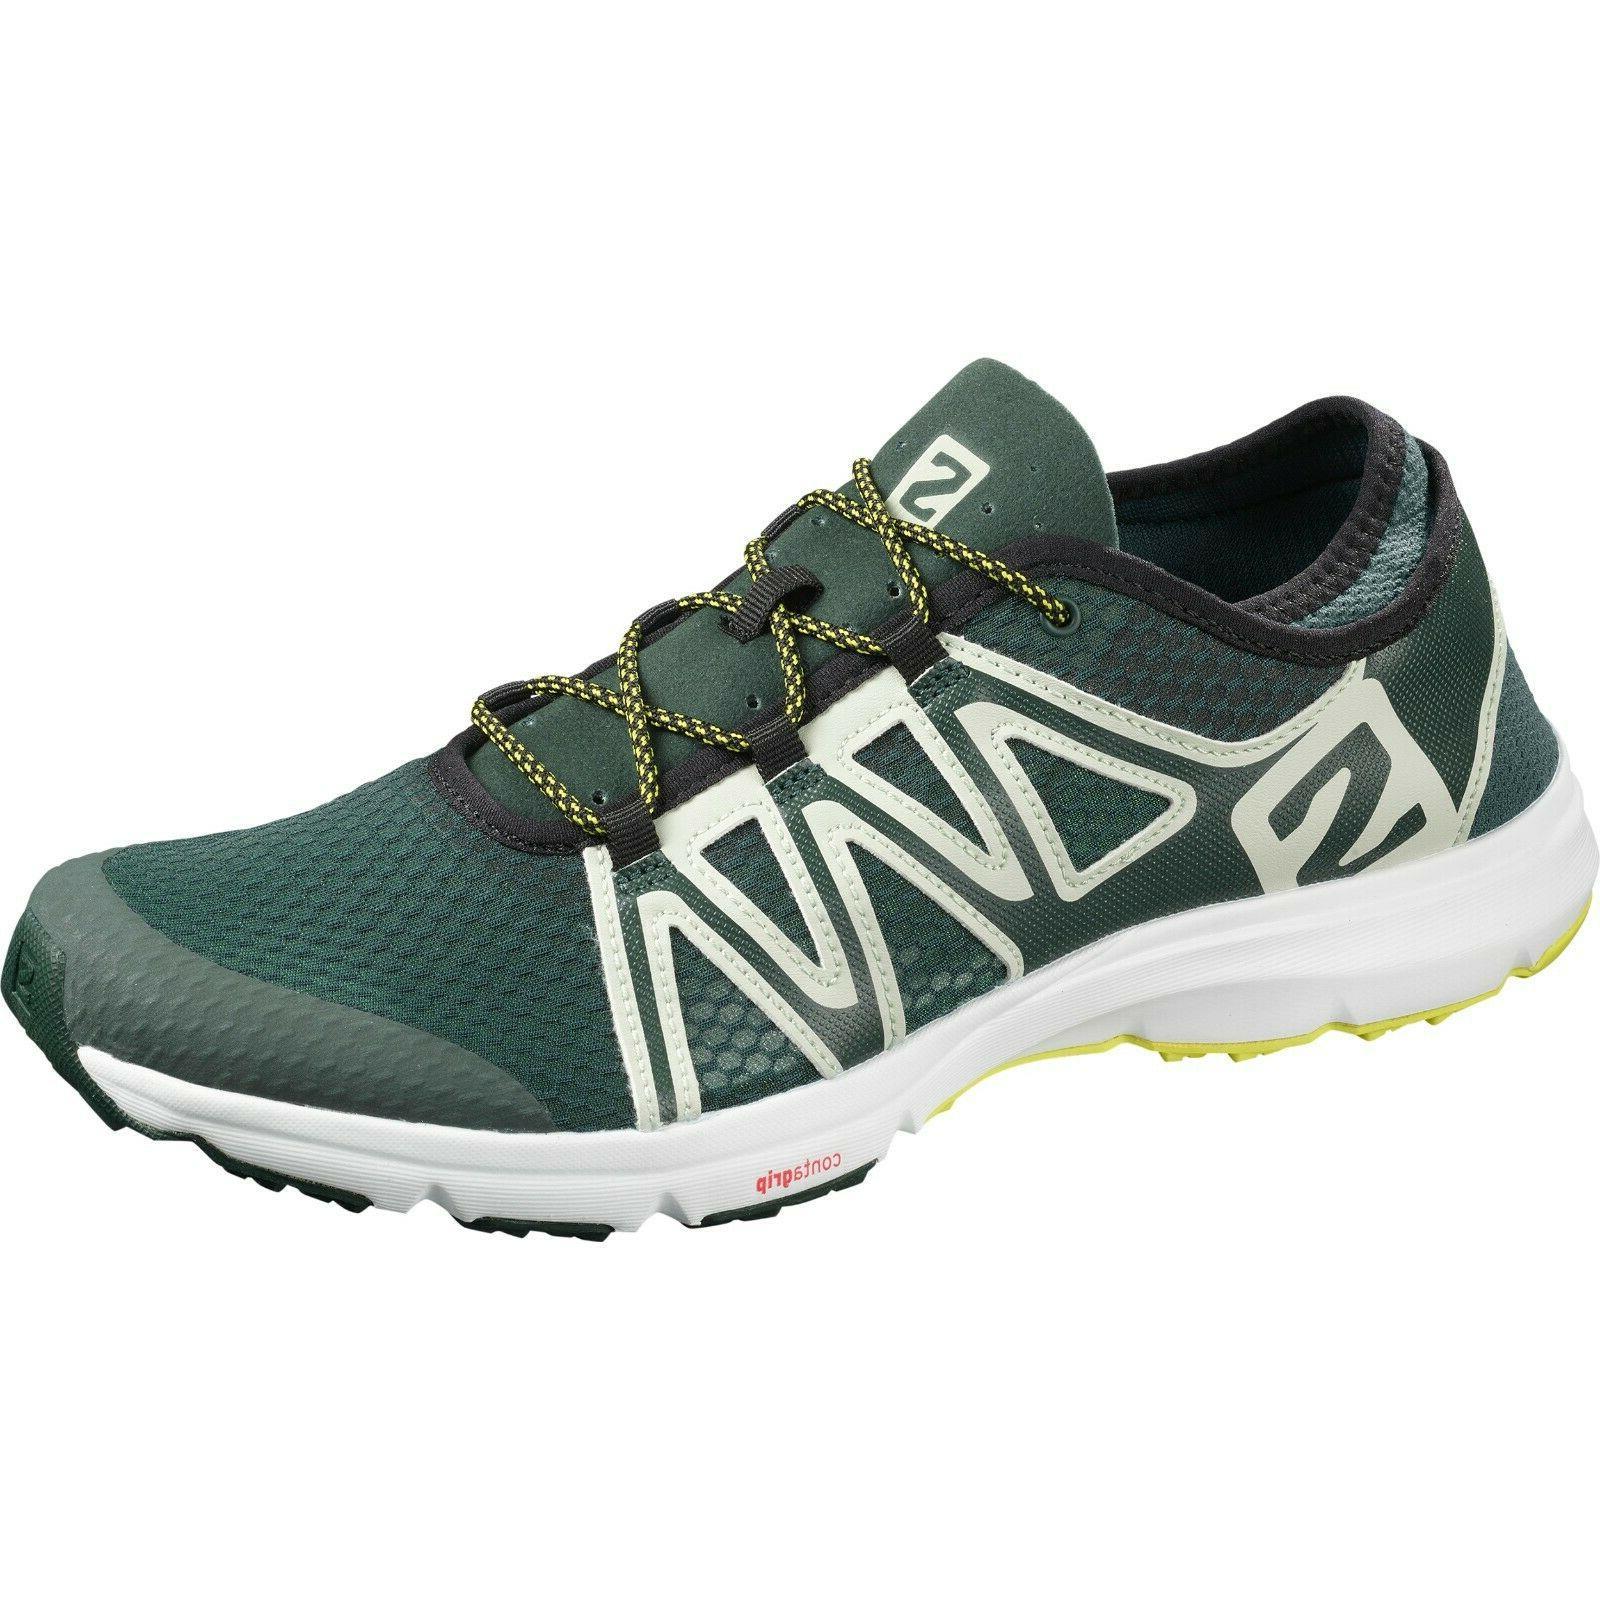 Salomon Water Shoes 2 9US